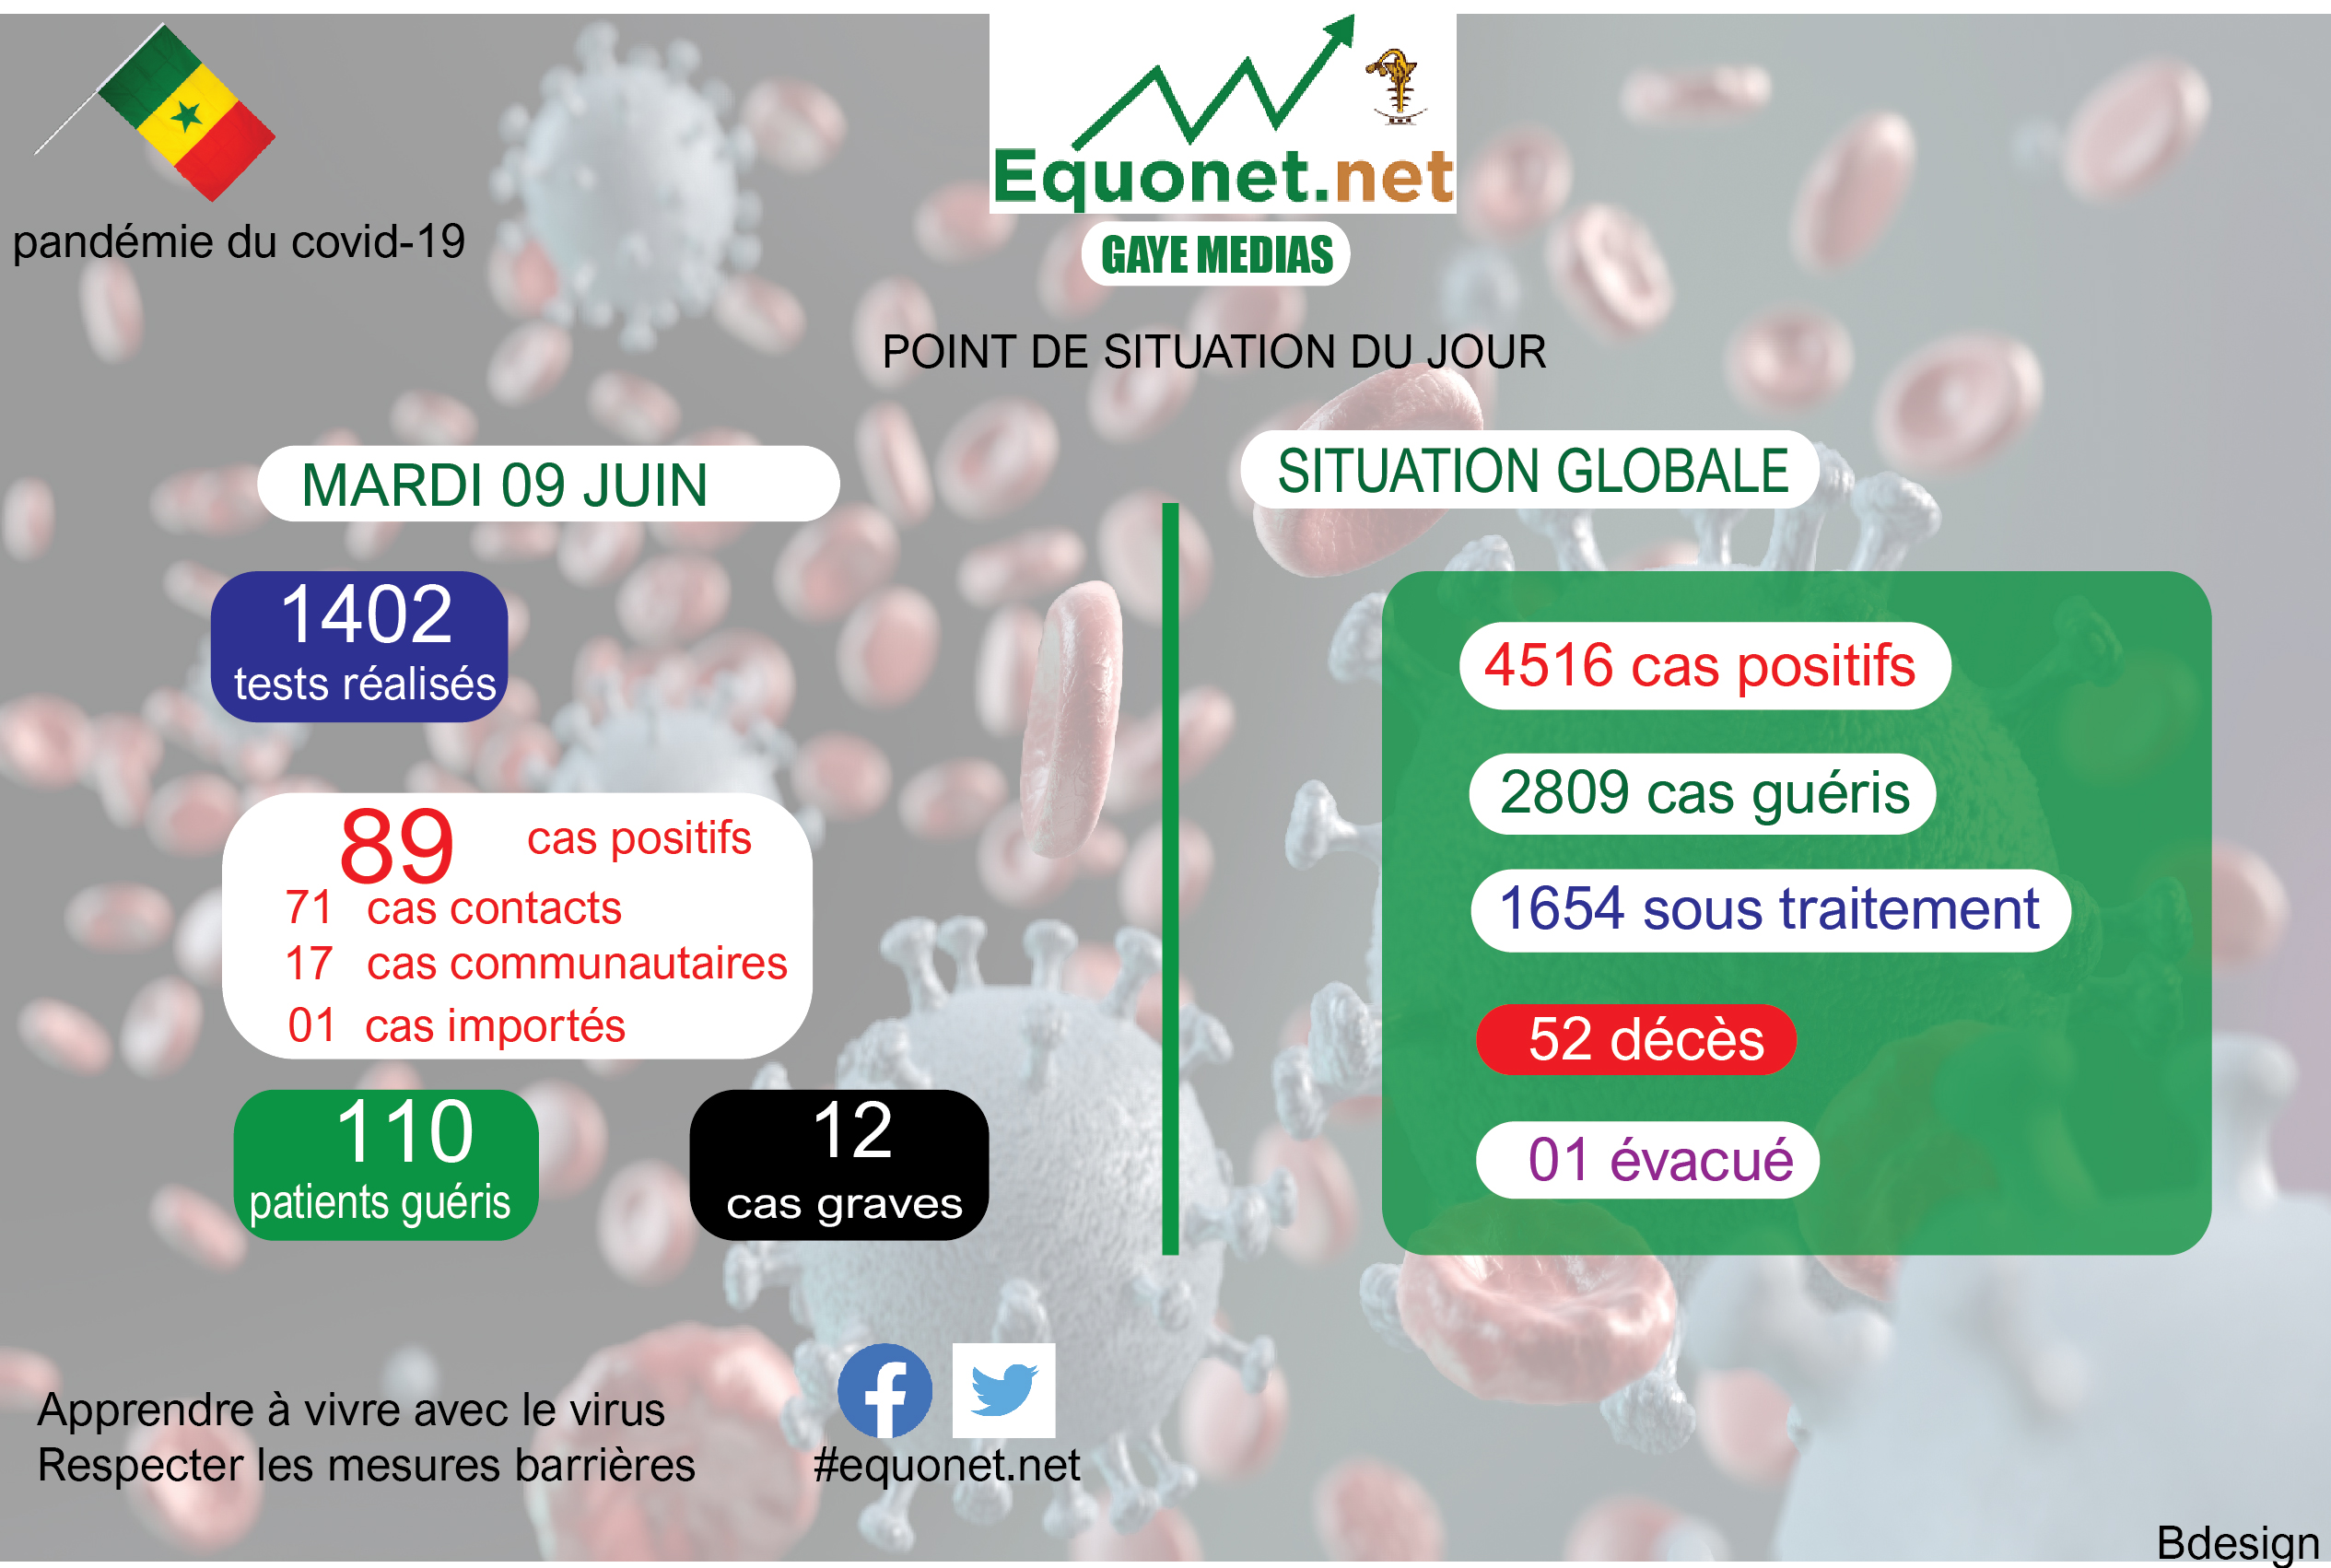 pandémie du coronavirus-covid-19 au sénégal : point de situation du mardi 09 juin 2020